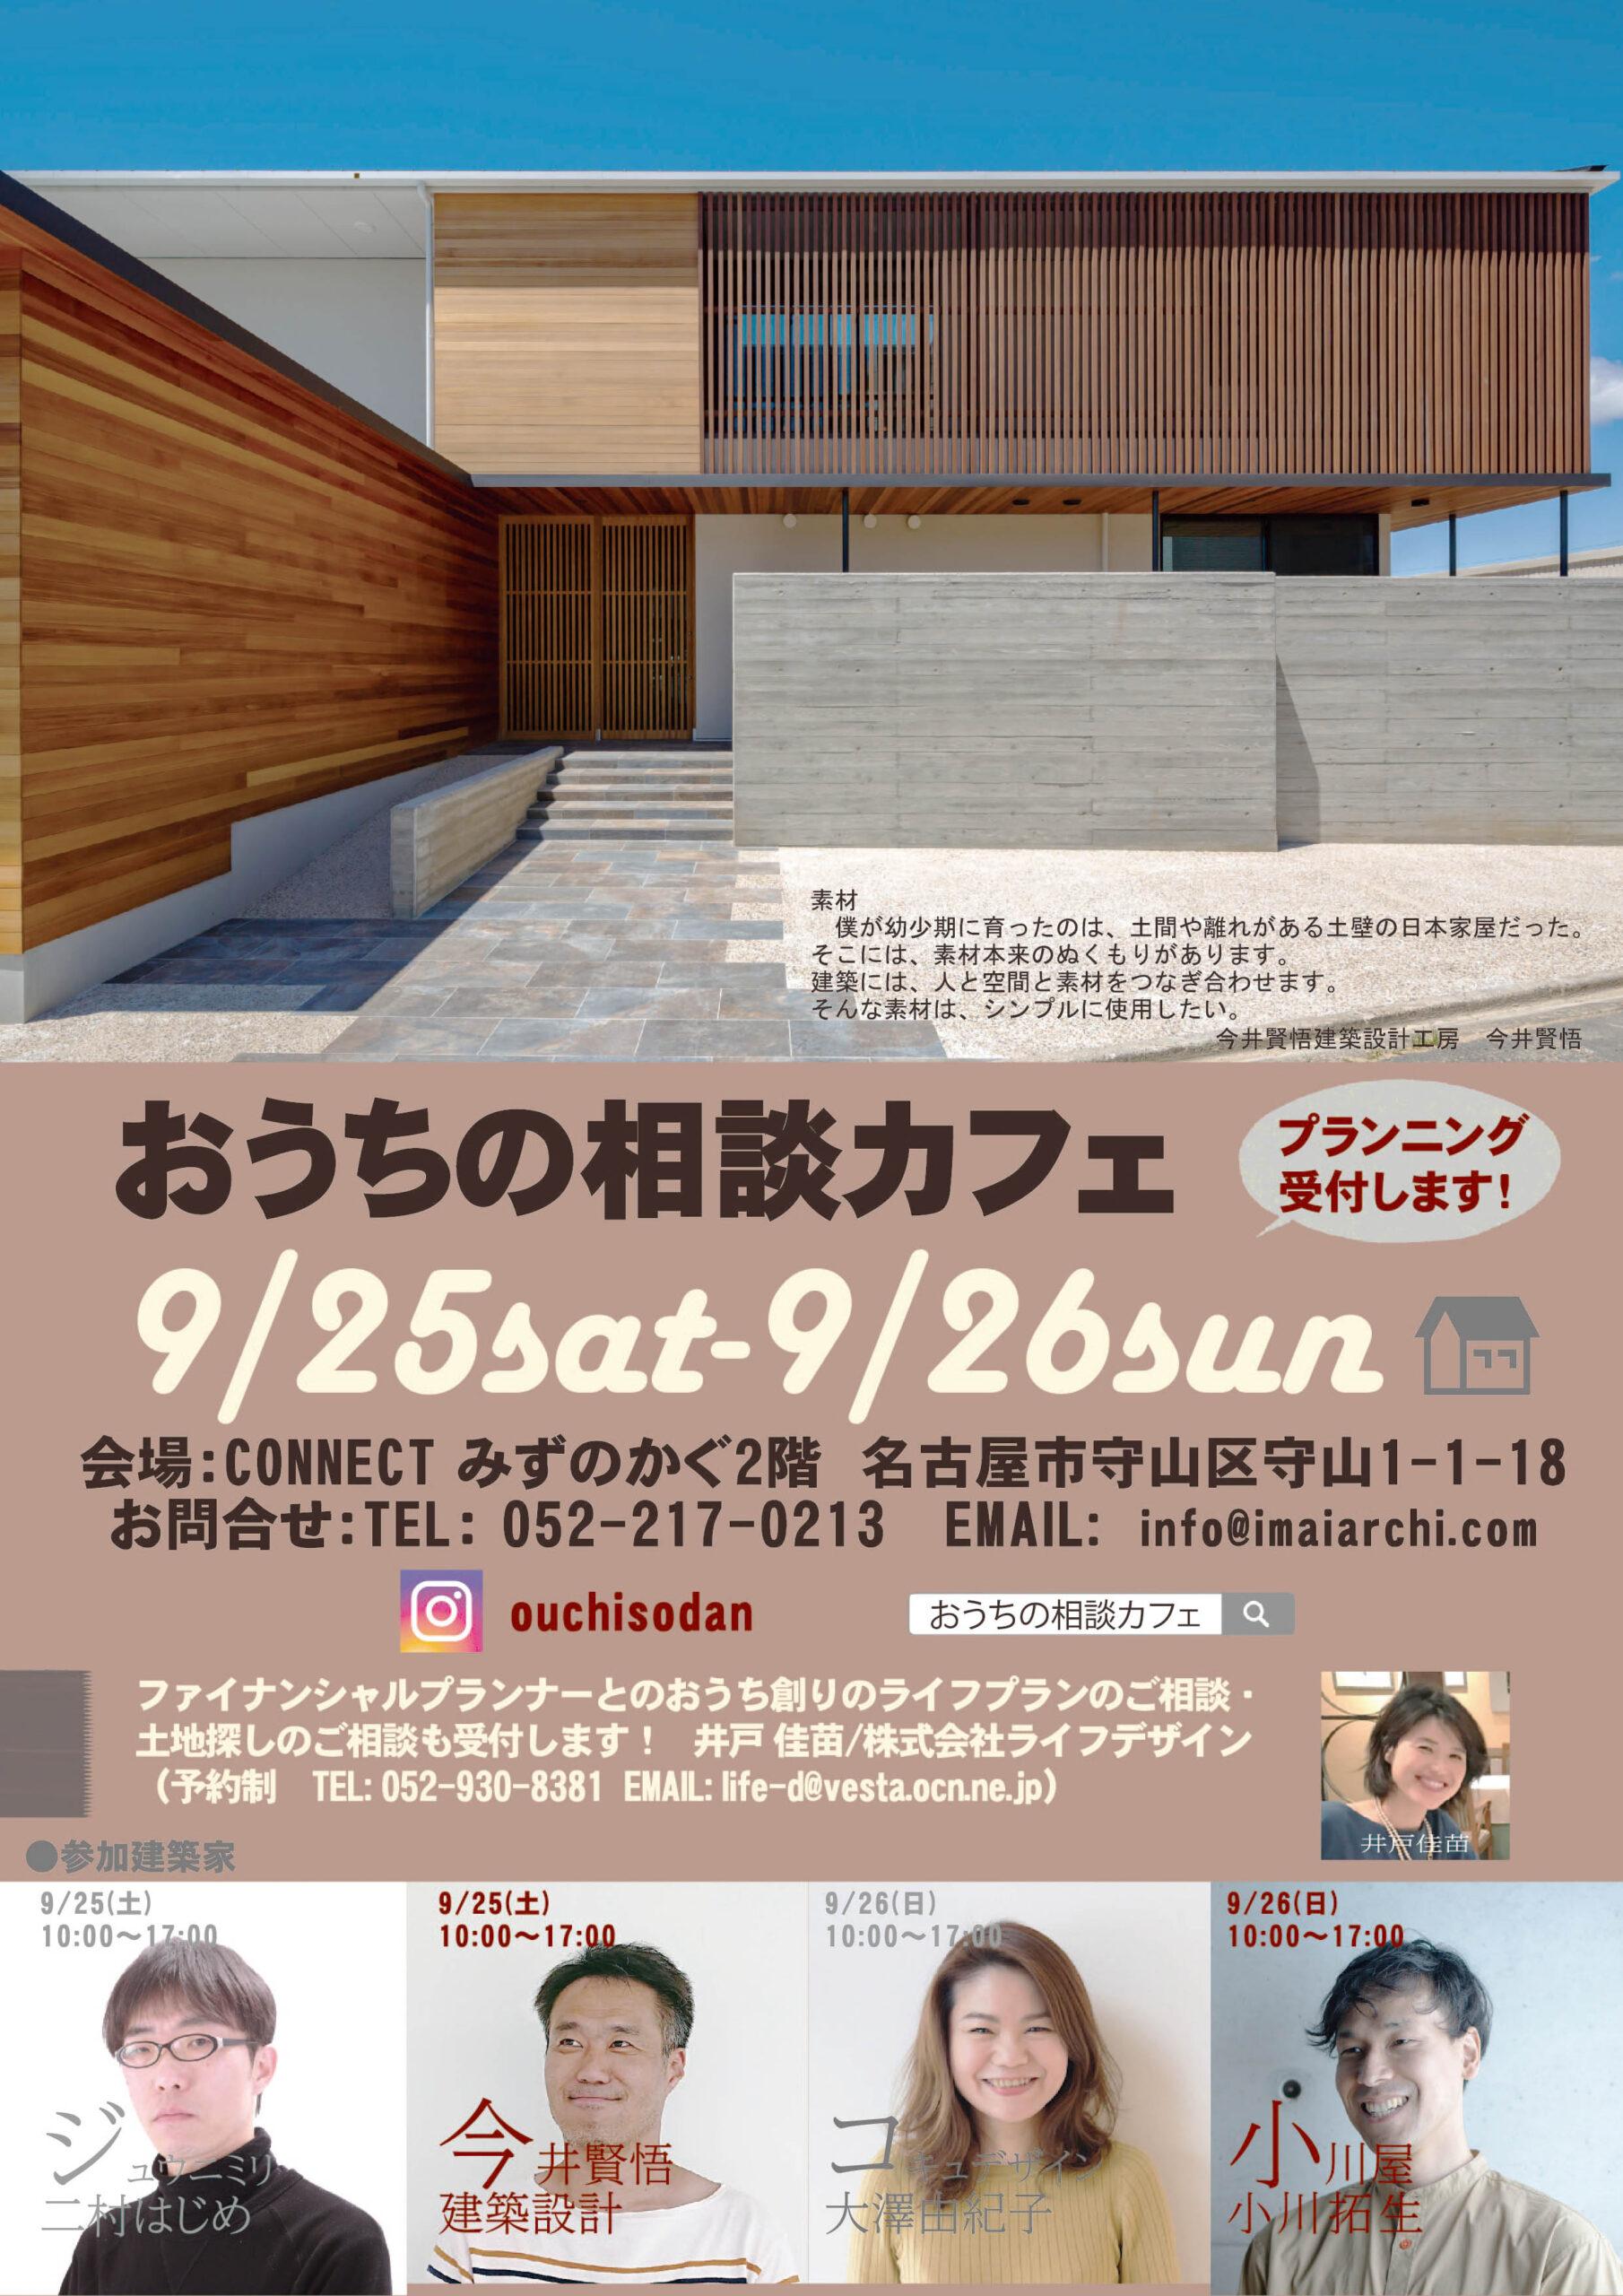 「おうちの相談カフェ」9/25(土)・9/26(日)